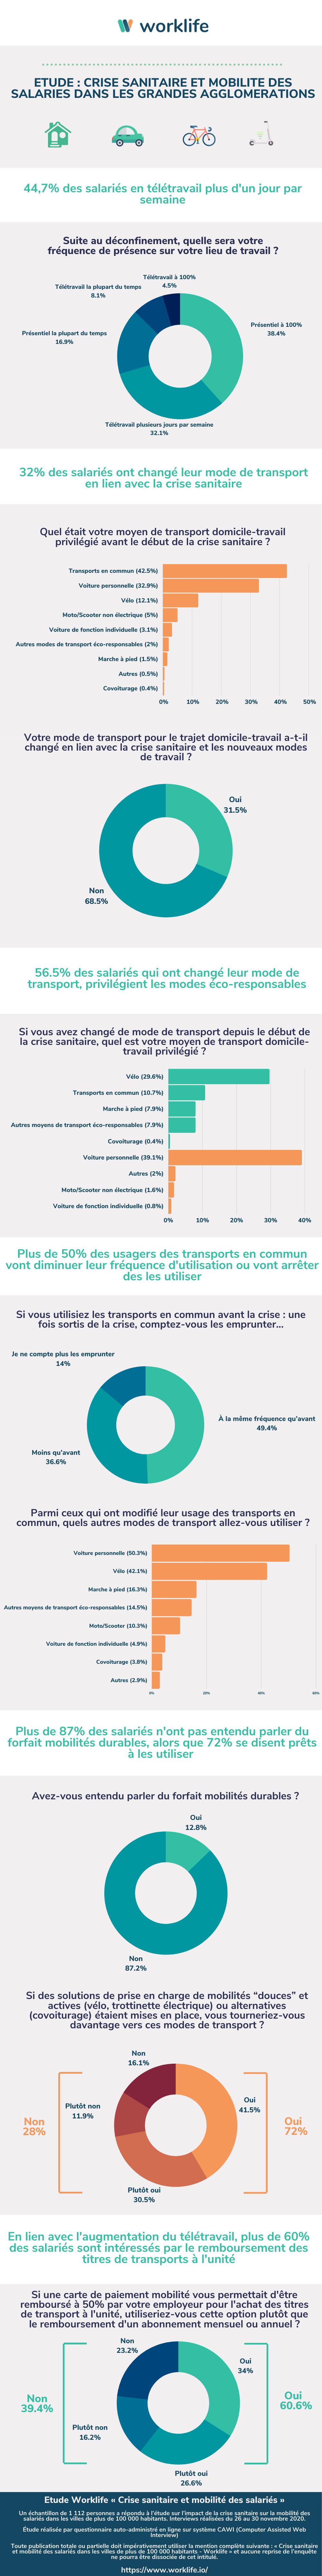 infographie sur l'étude de la mobilité des Français par orklife